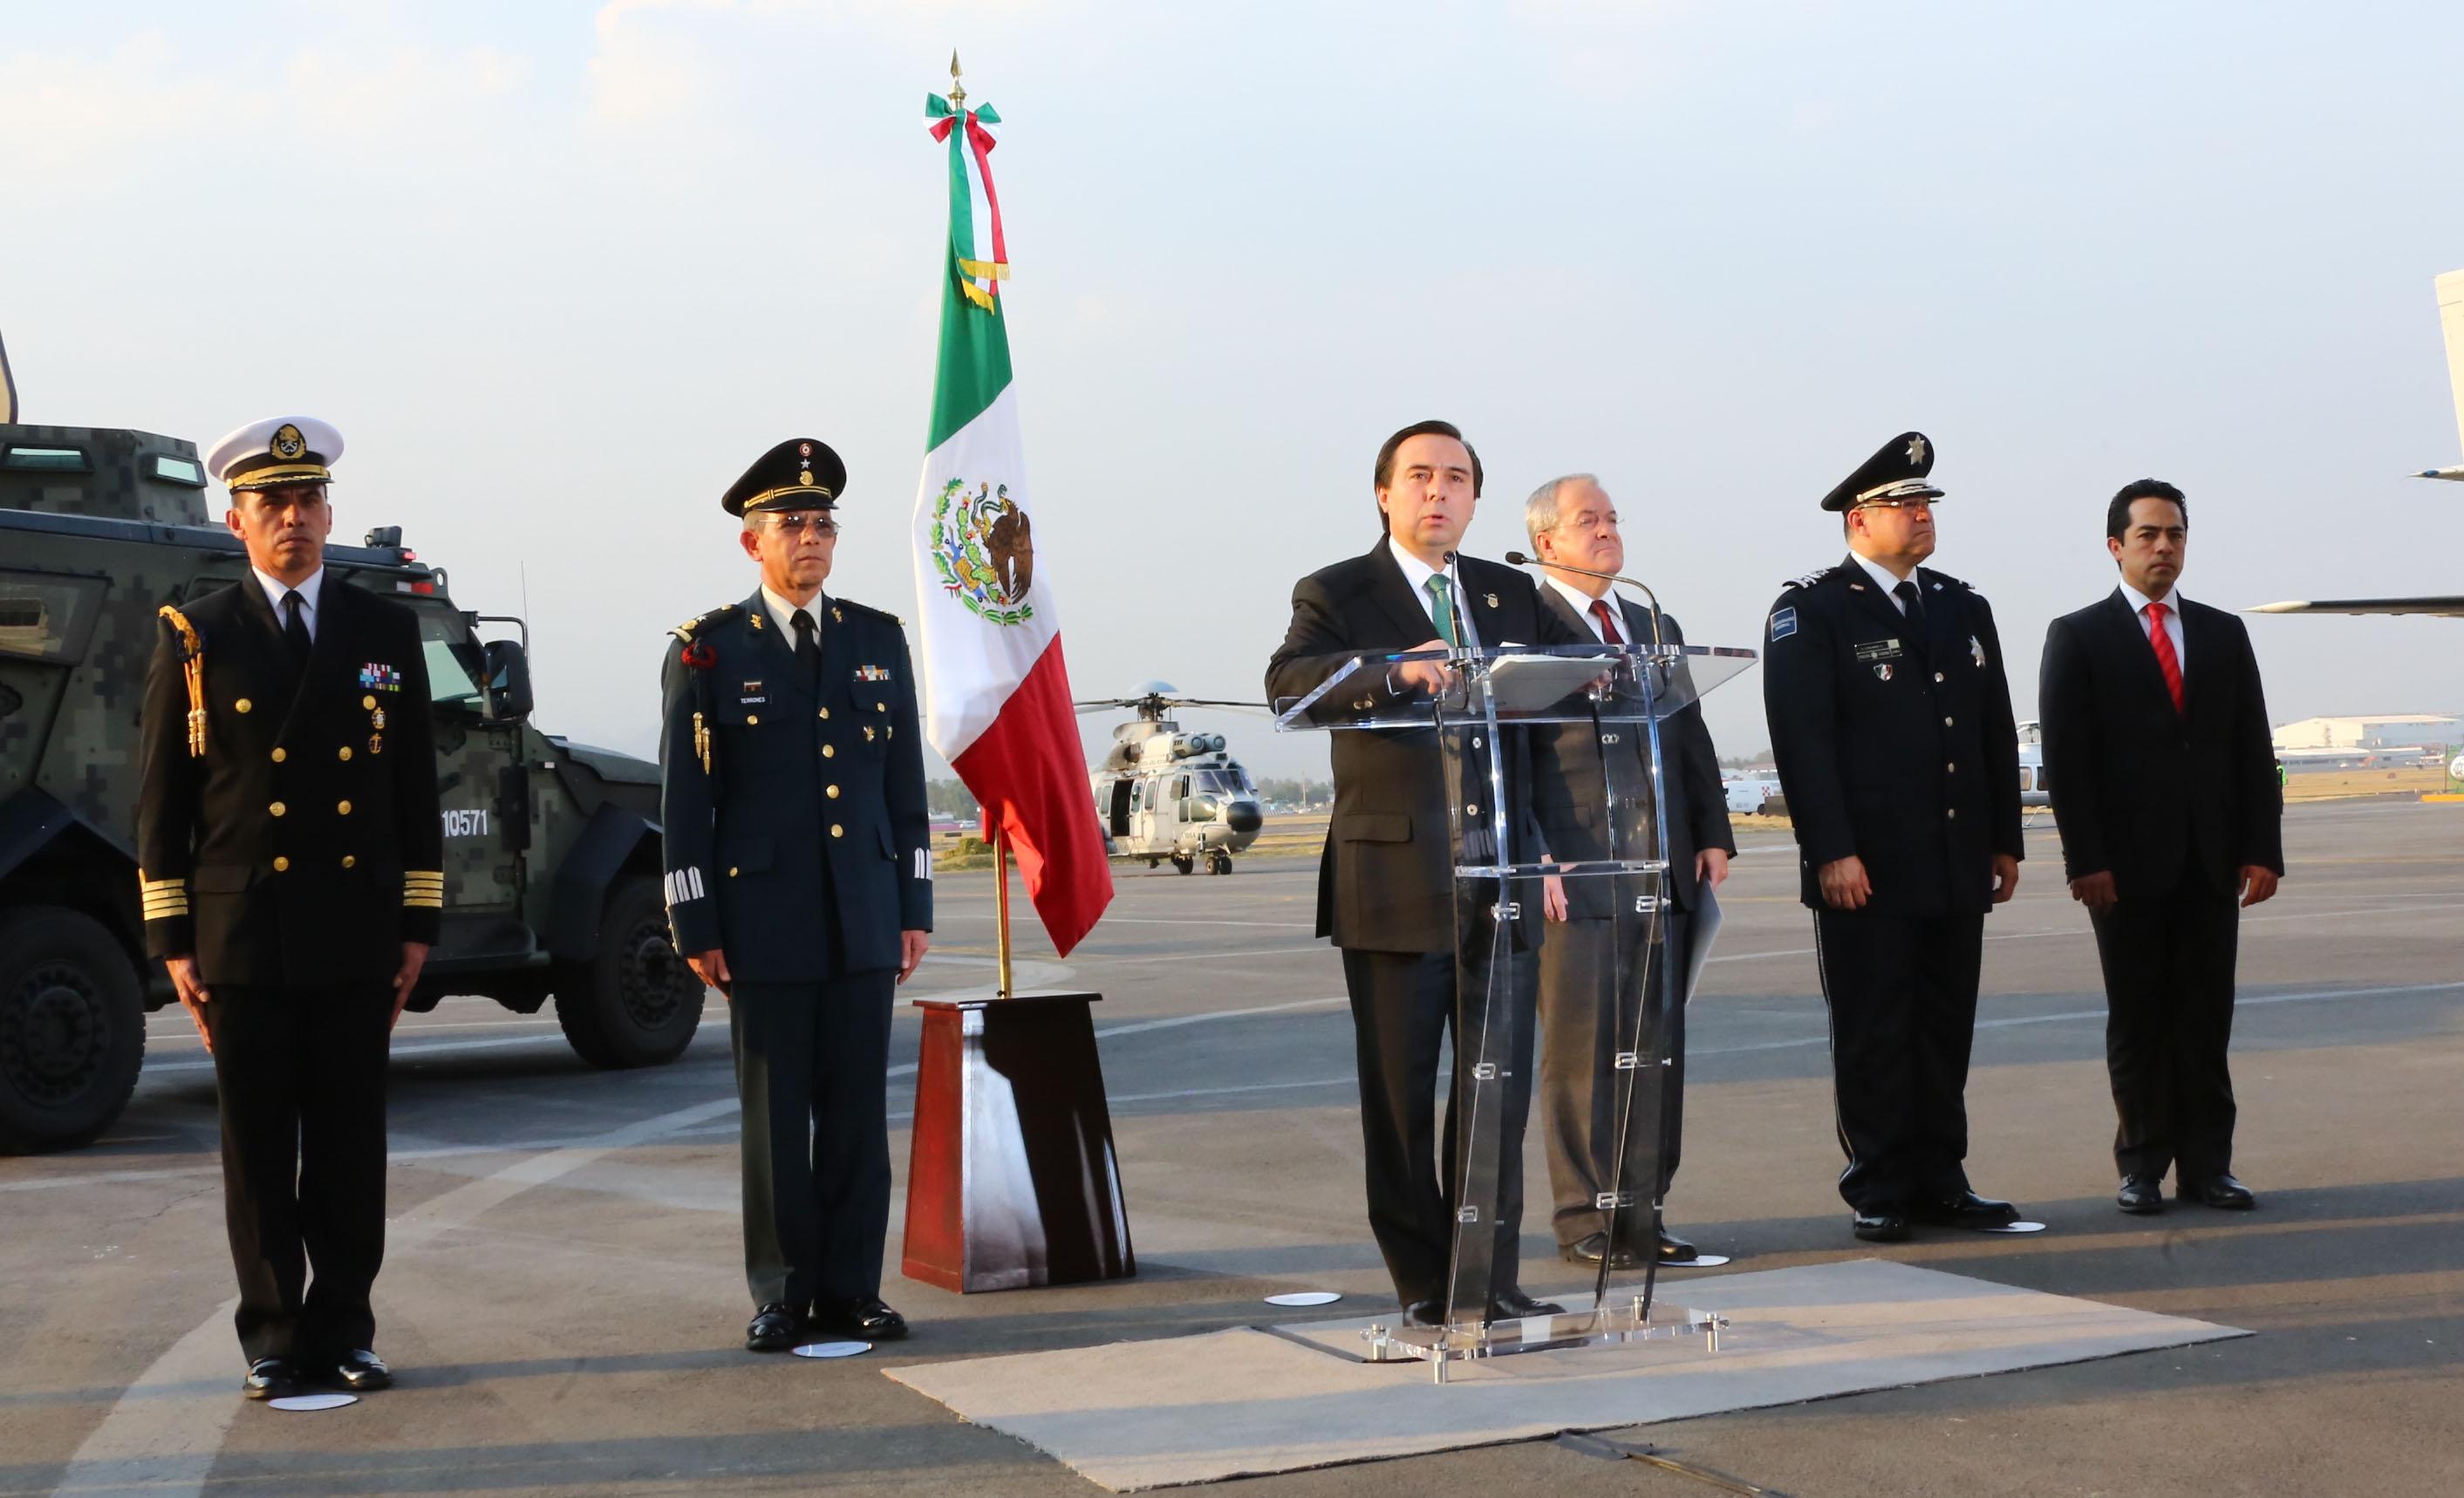 El Director en Jefe de la Agencia de Investigación Criminal de la Procuraduría General de la República, Tomás Zerón de Lucio, durante su mensaje en el hangar de la Policía Federal